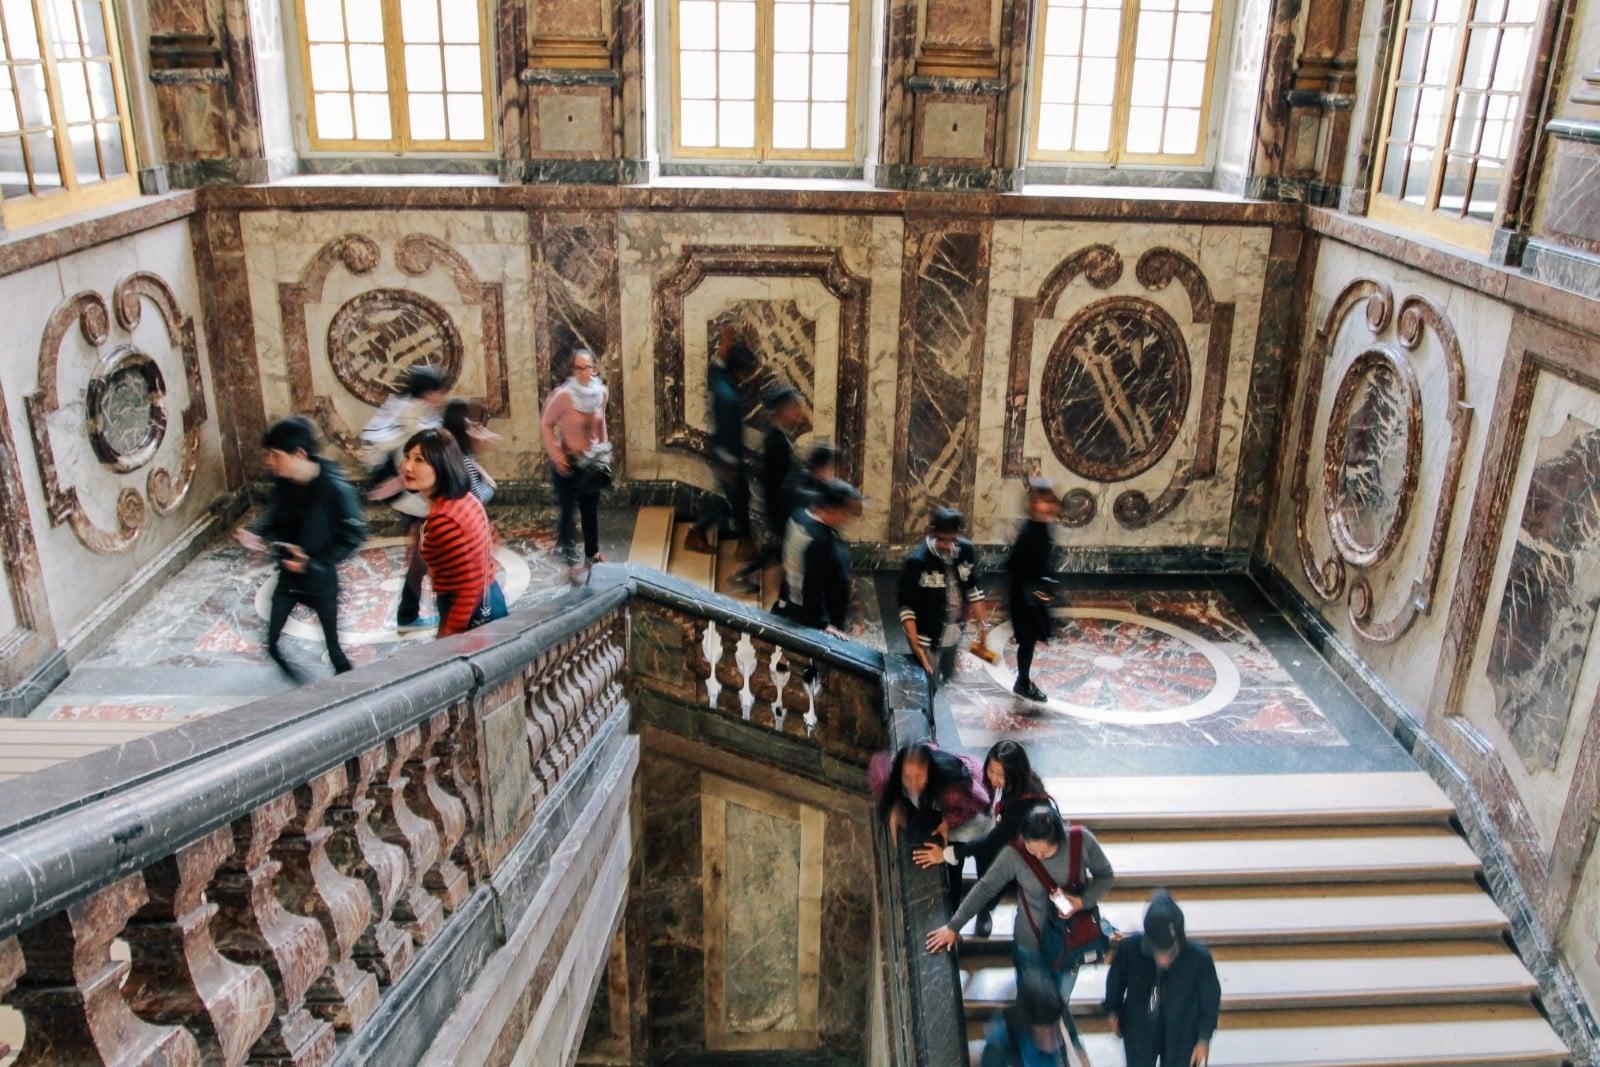 Le eleganti scale della Reggia.